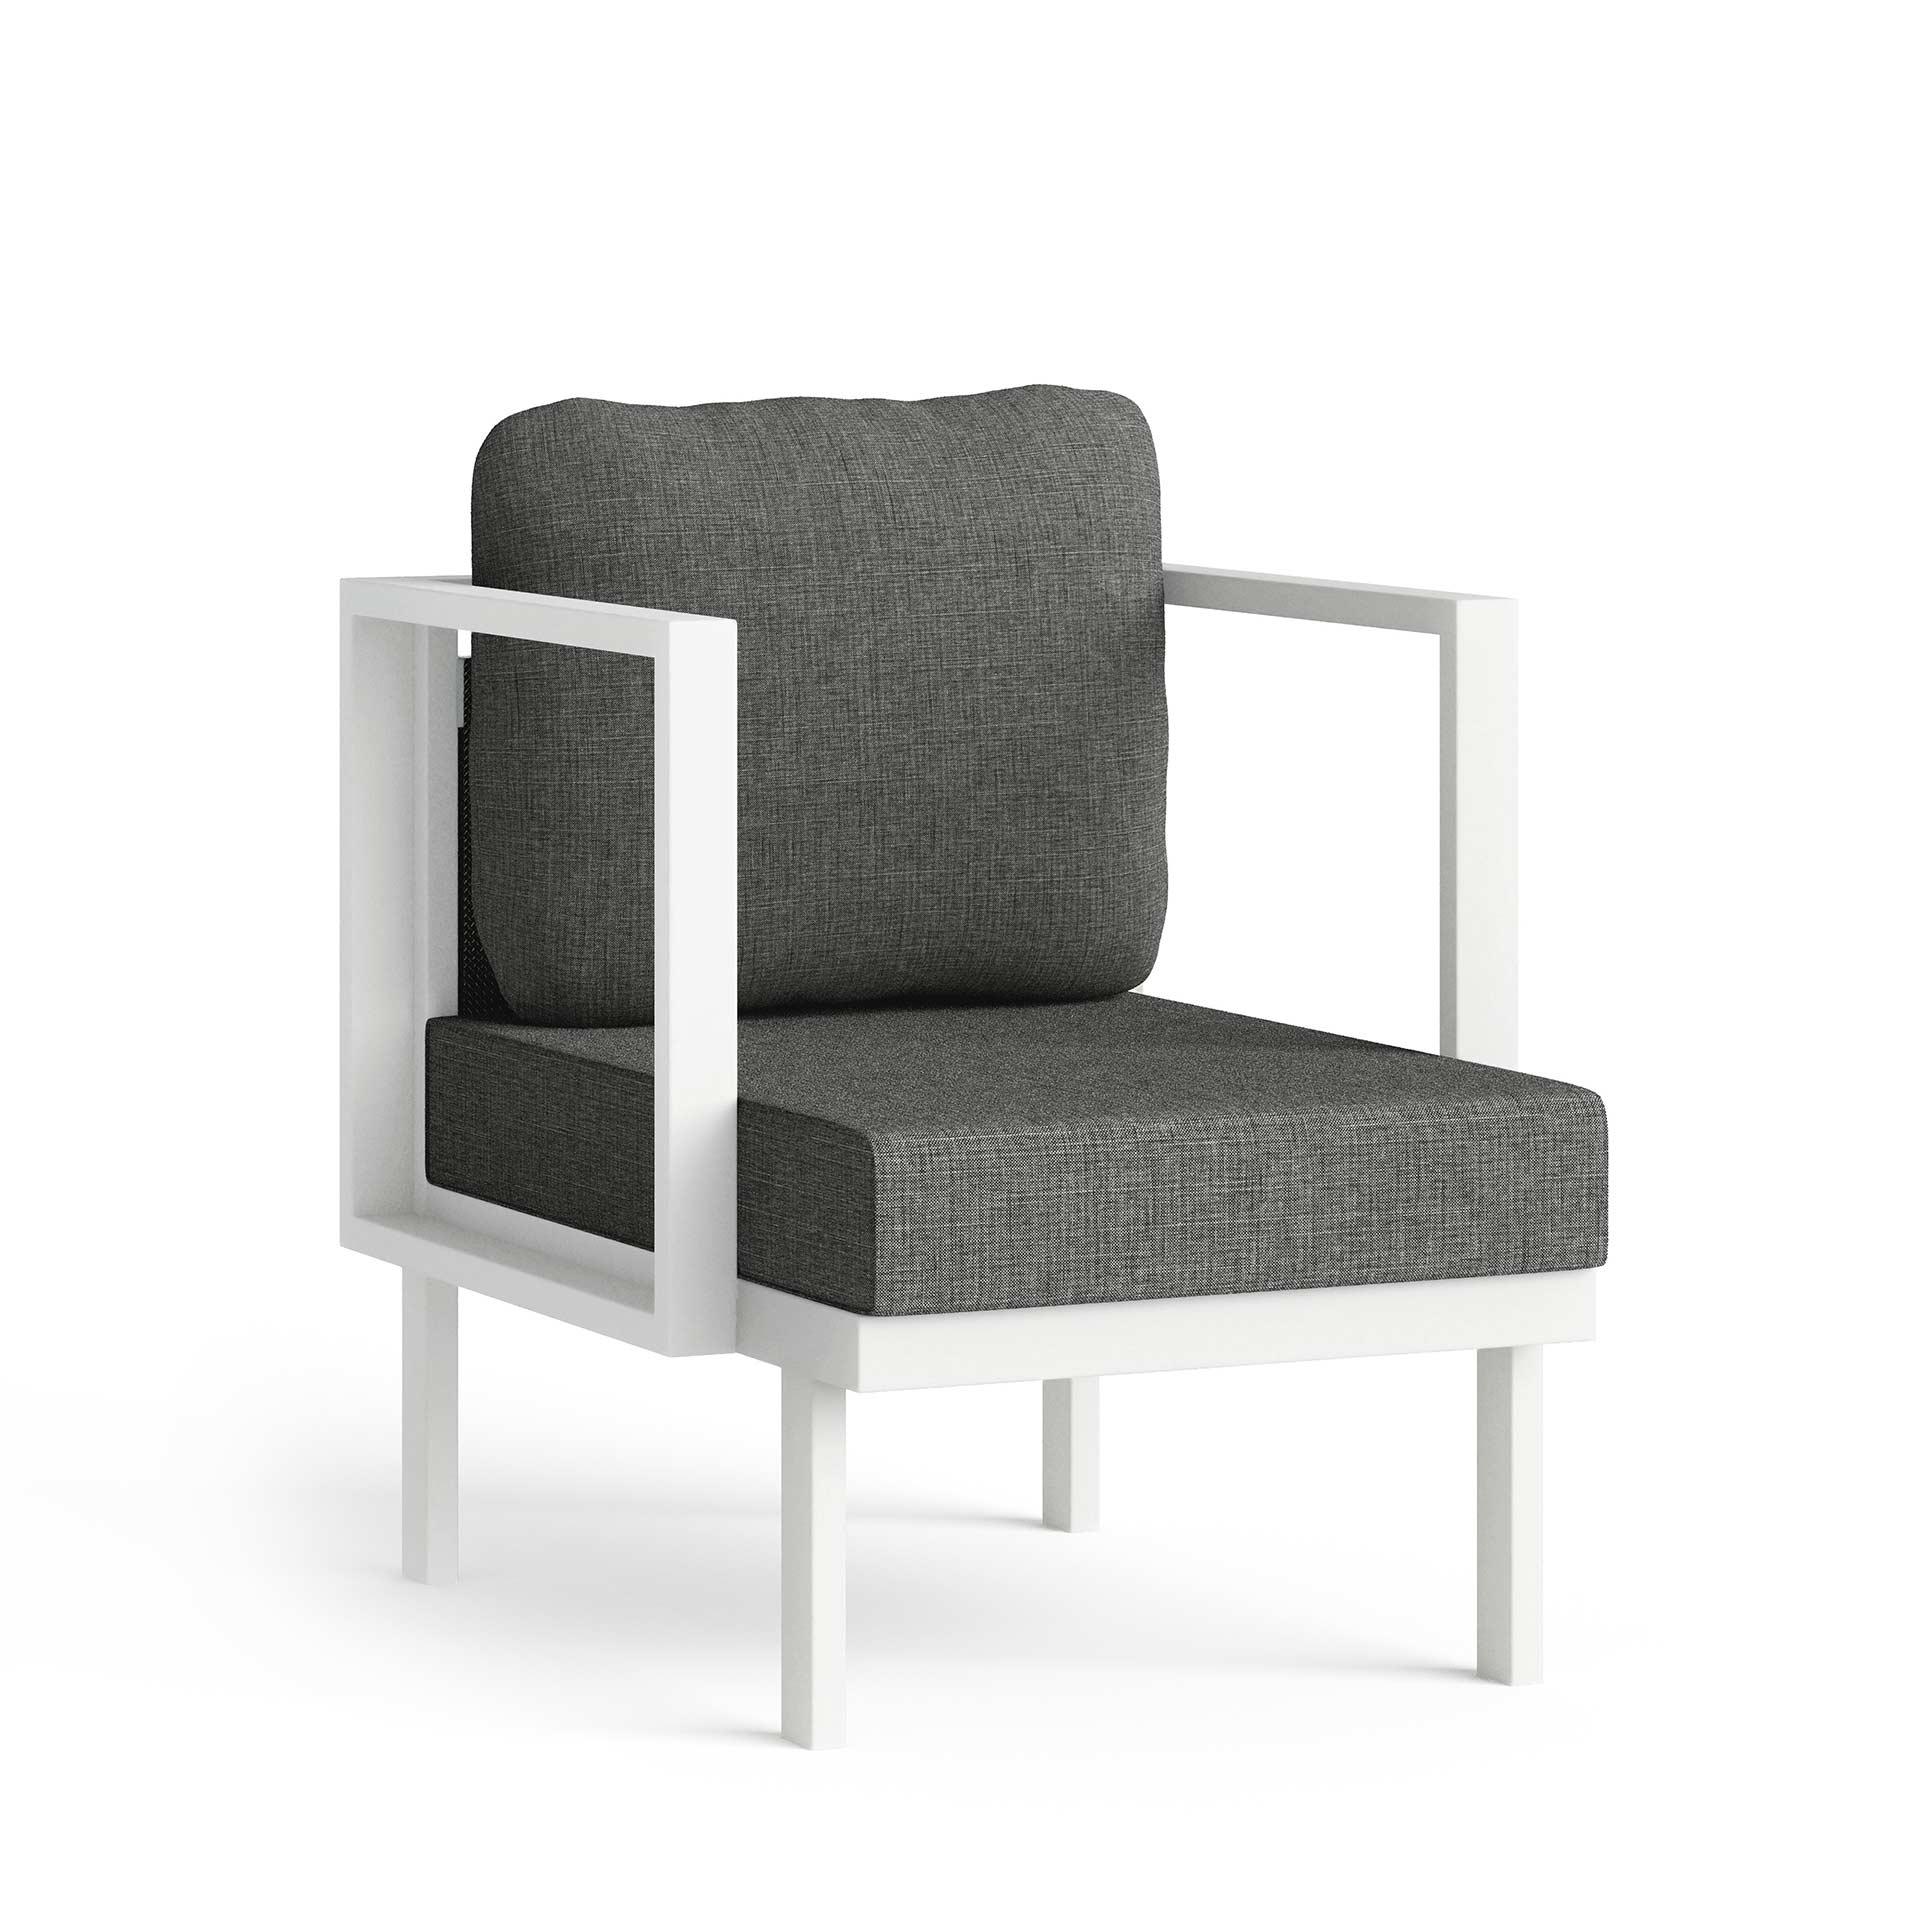 Maureen Chair Corner View Render Dark Grey